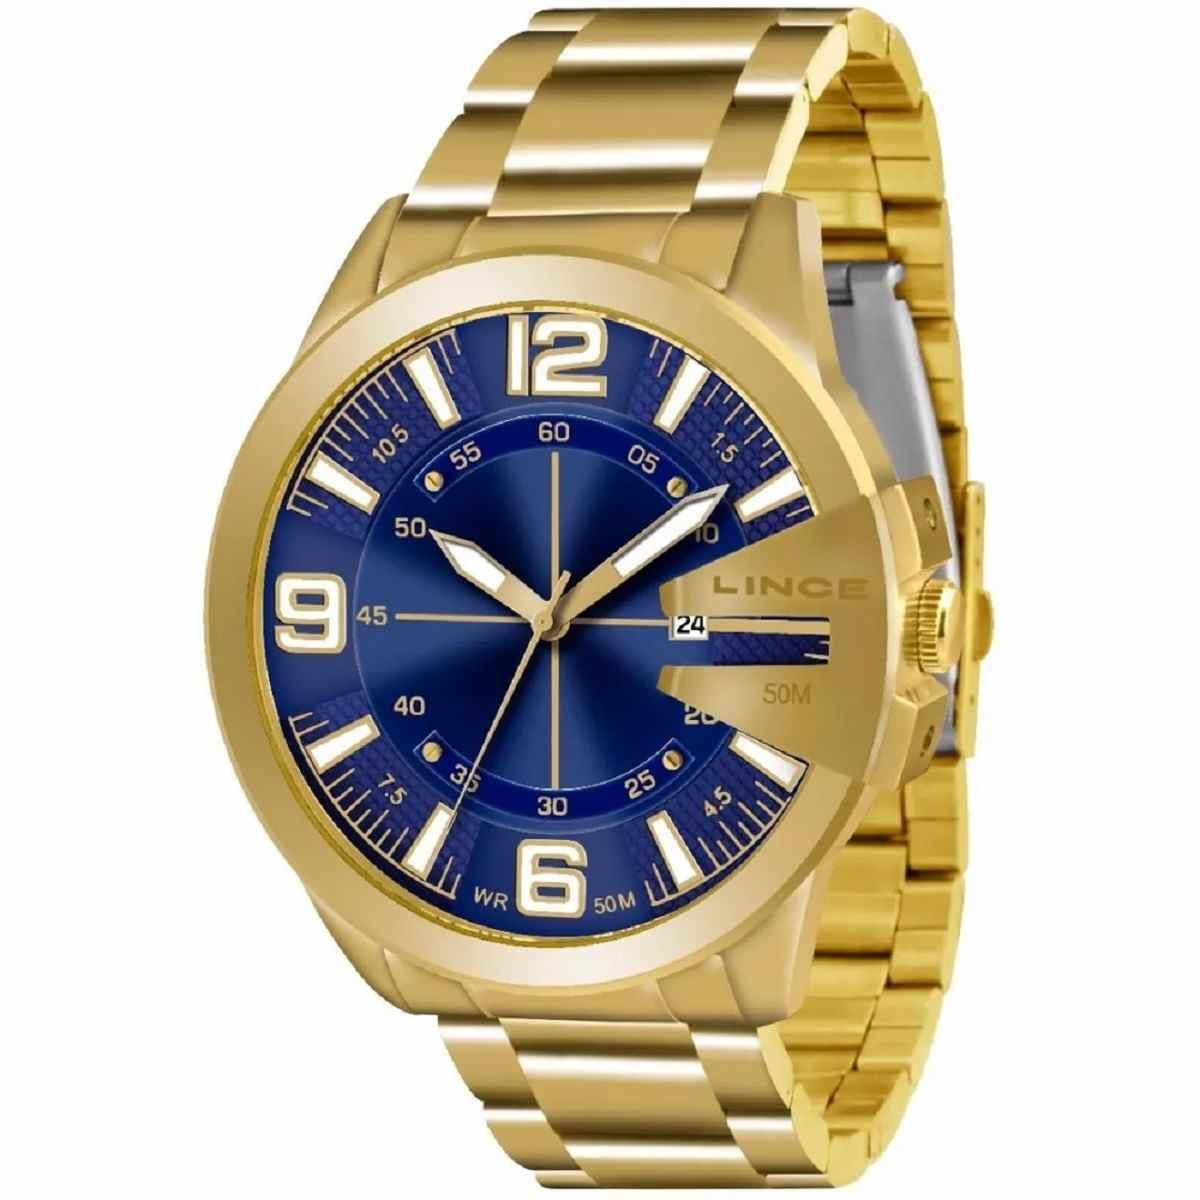 Relógio Lince Masculino Analógico Dourado Fundo Azul MRG4333L D2KX